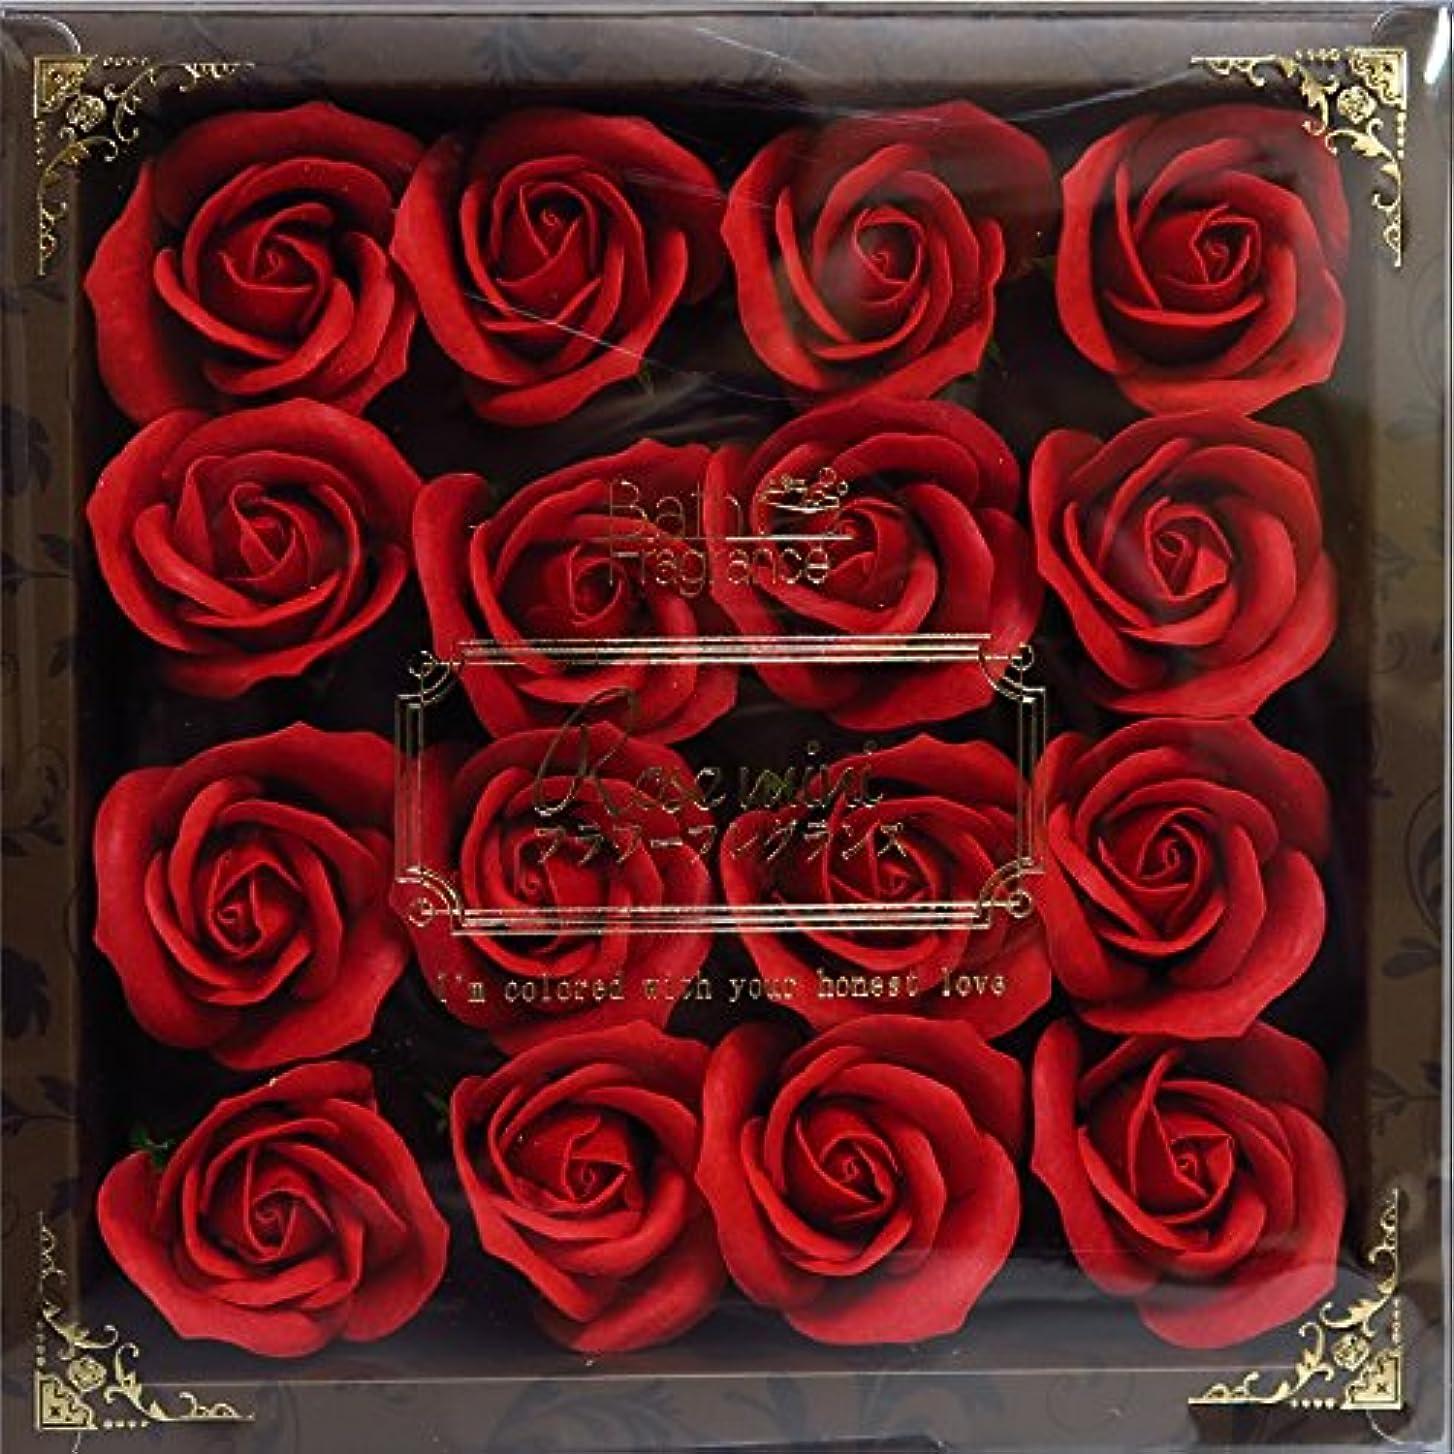 商人サンダルシュリンクバスフレグランス バスフラワー ミニローズフレグランス(M)レッド ギフト お花の形の入浴剤 プレゼント ばら